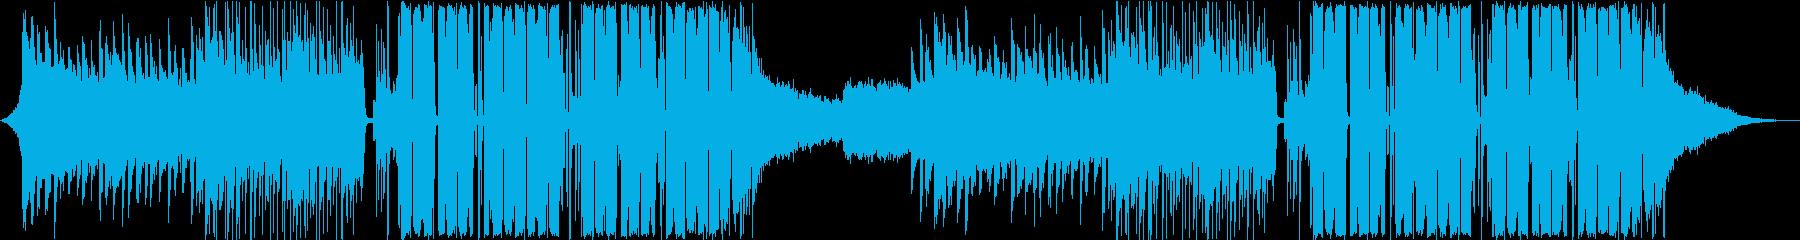 明るく爽やかなEDMの再生済みの波形